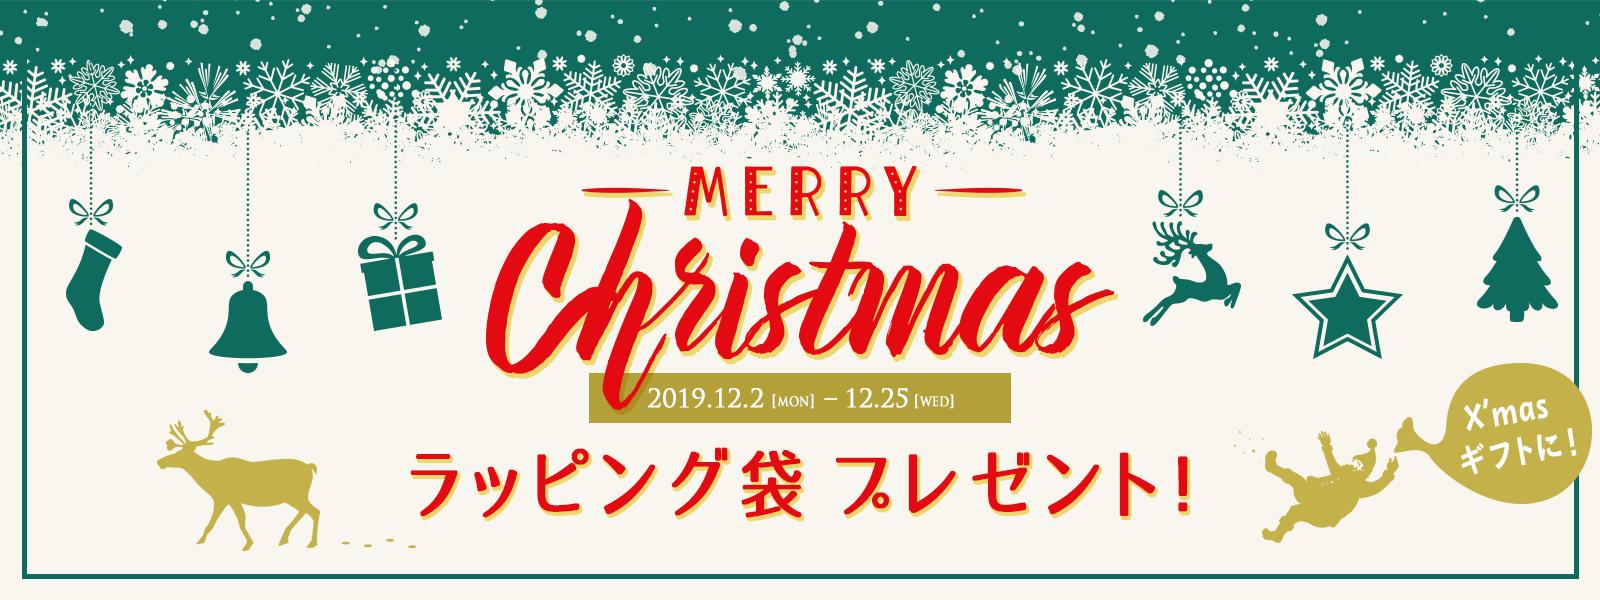 【期間限定】ラッピング袋プレゼント!